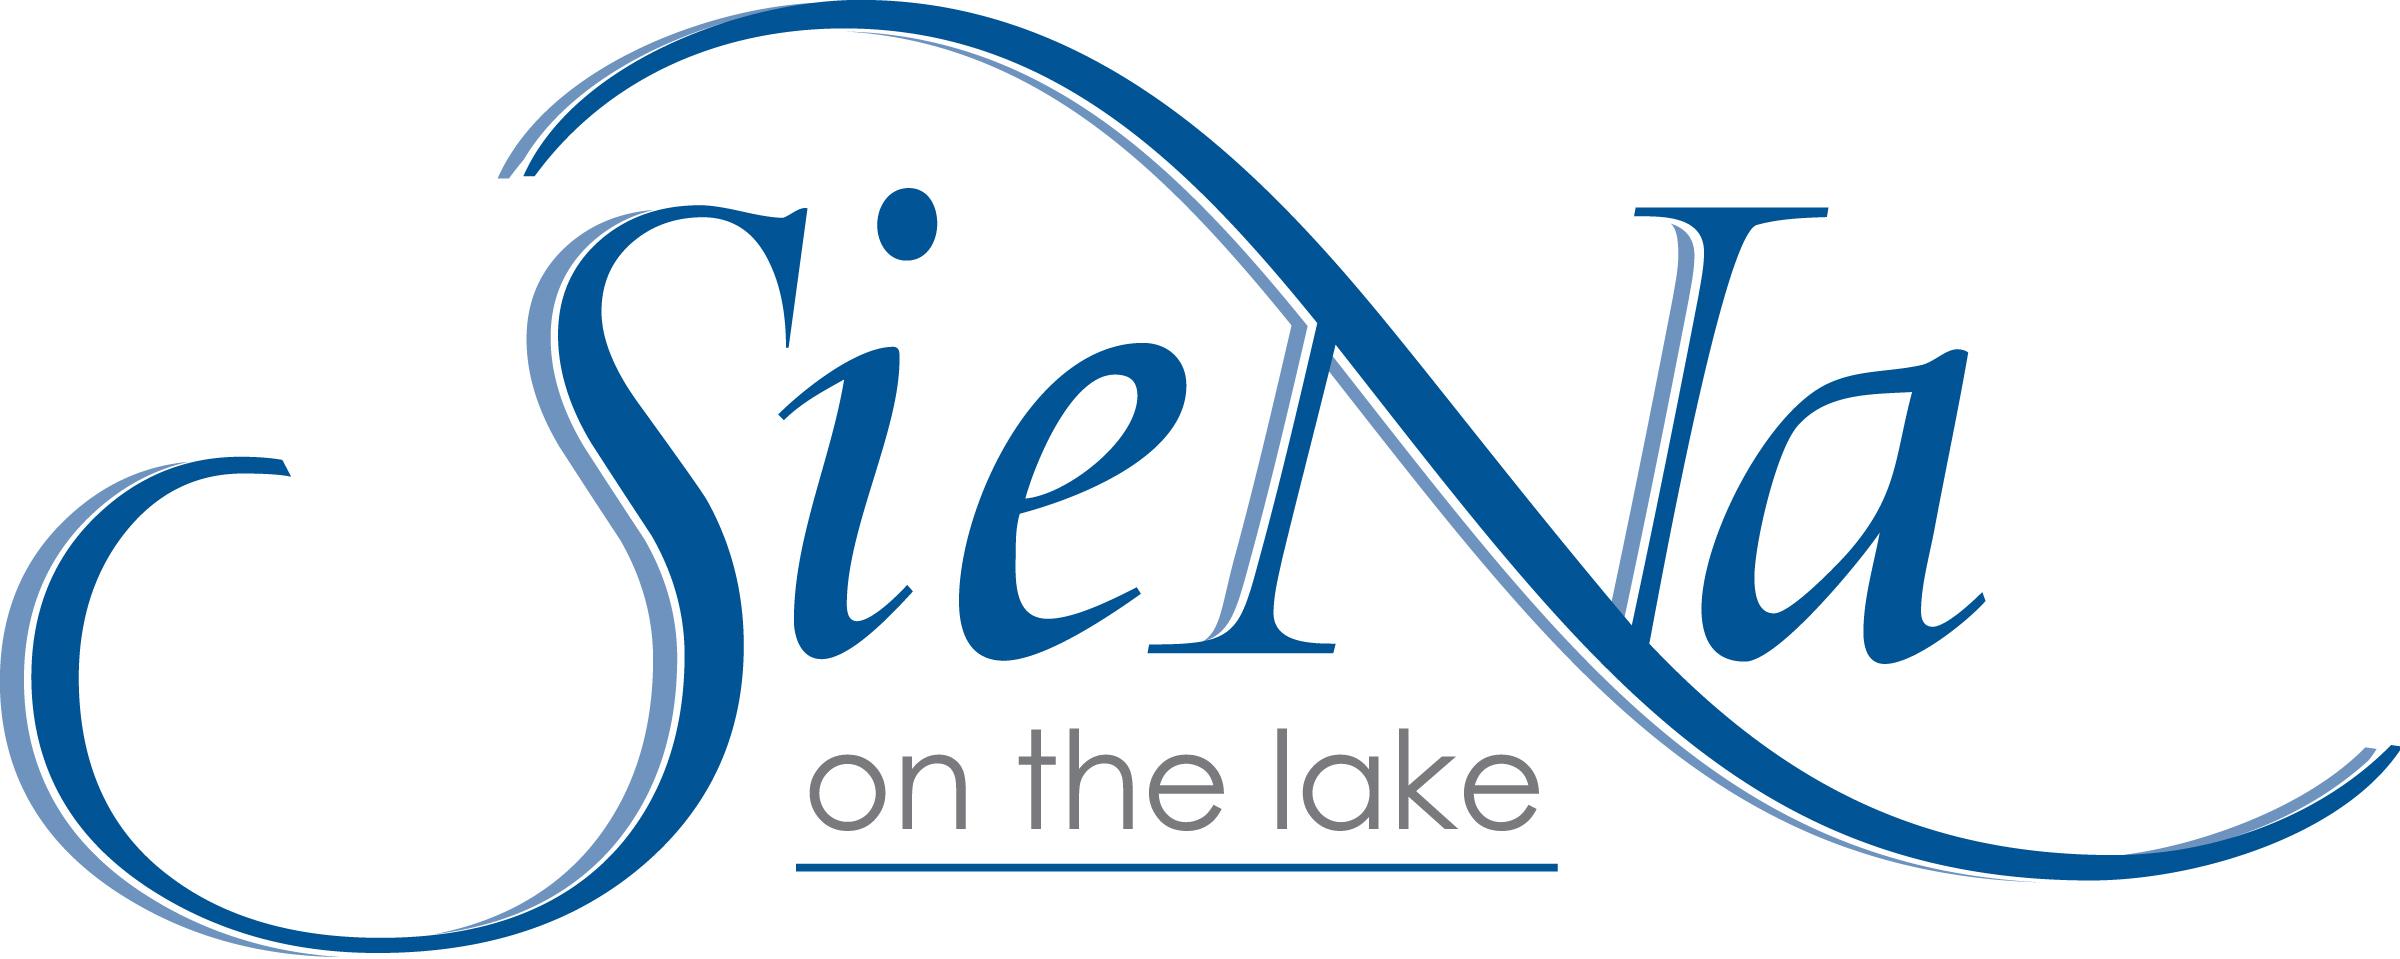 Siena on the Lake Logo